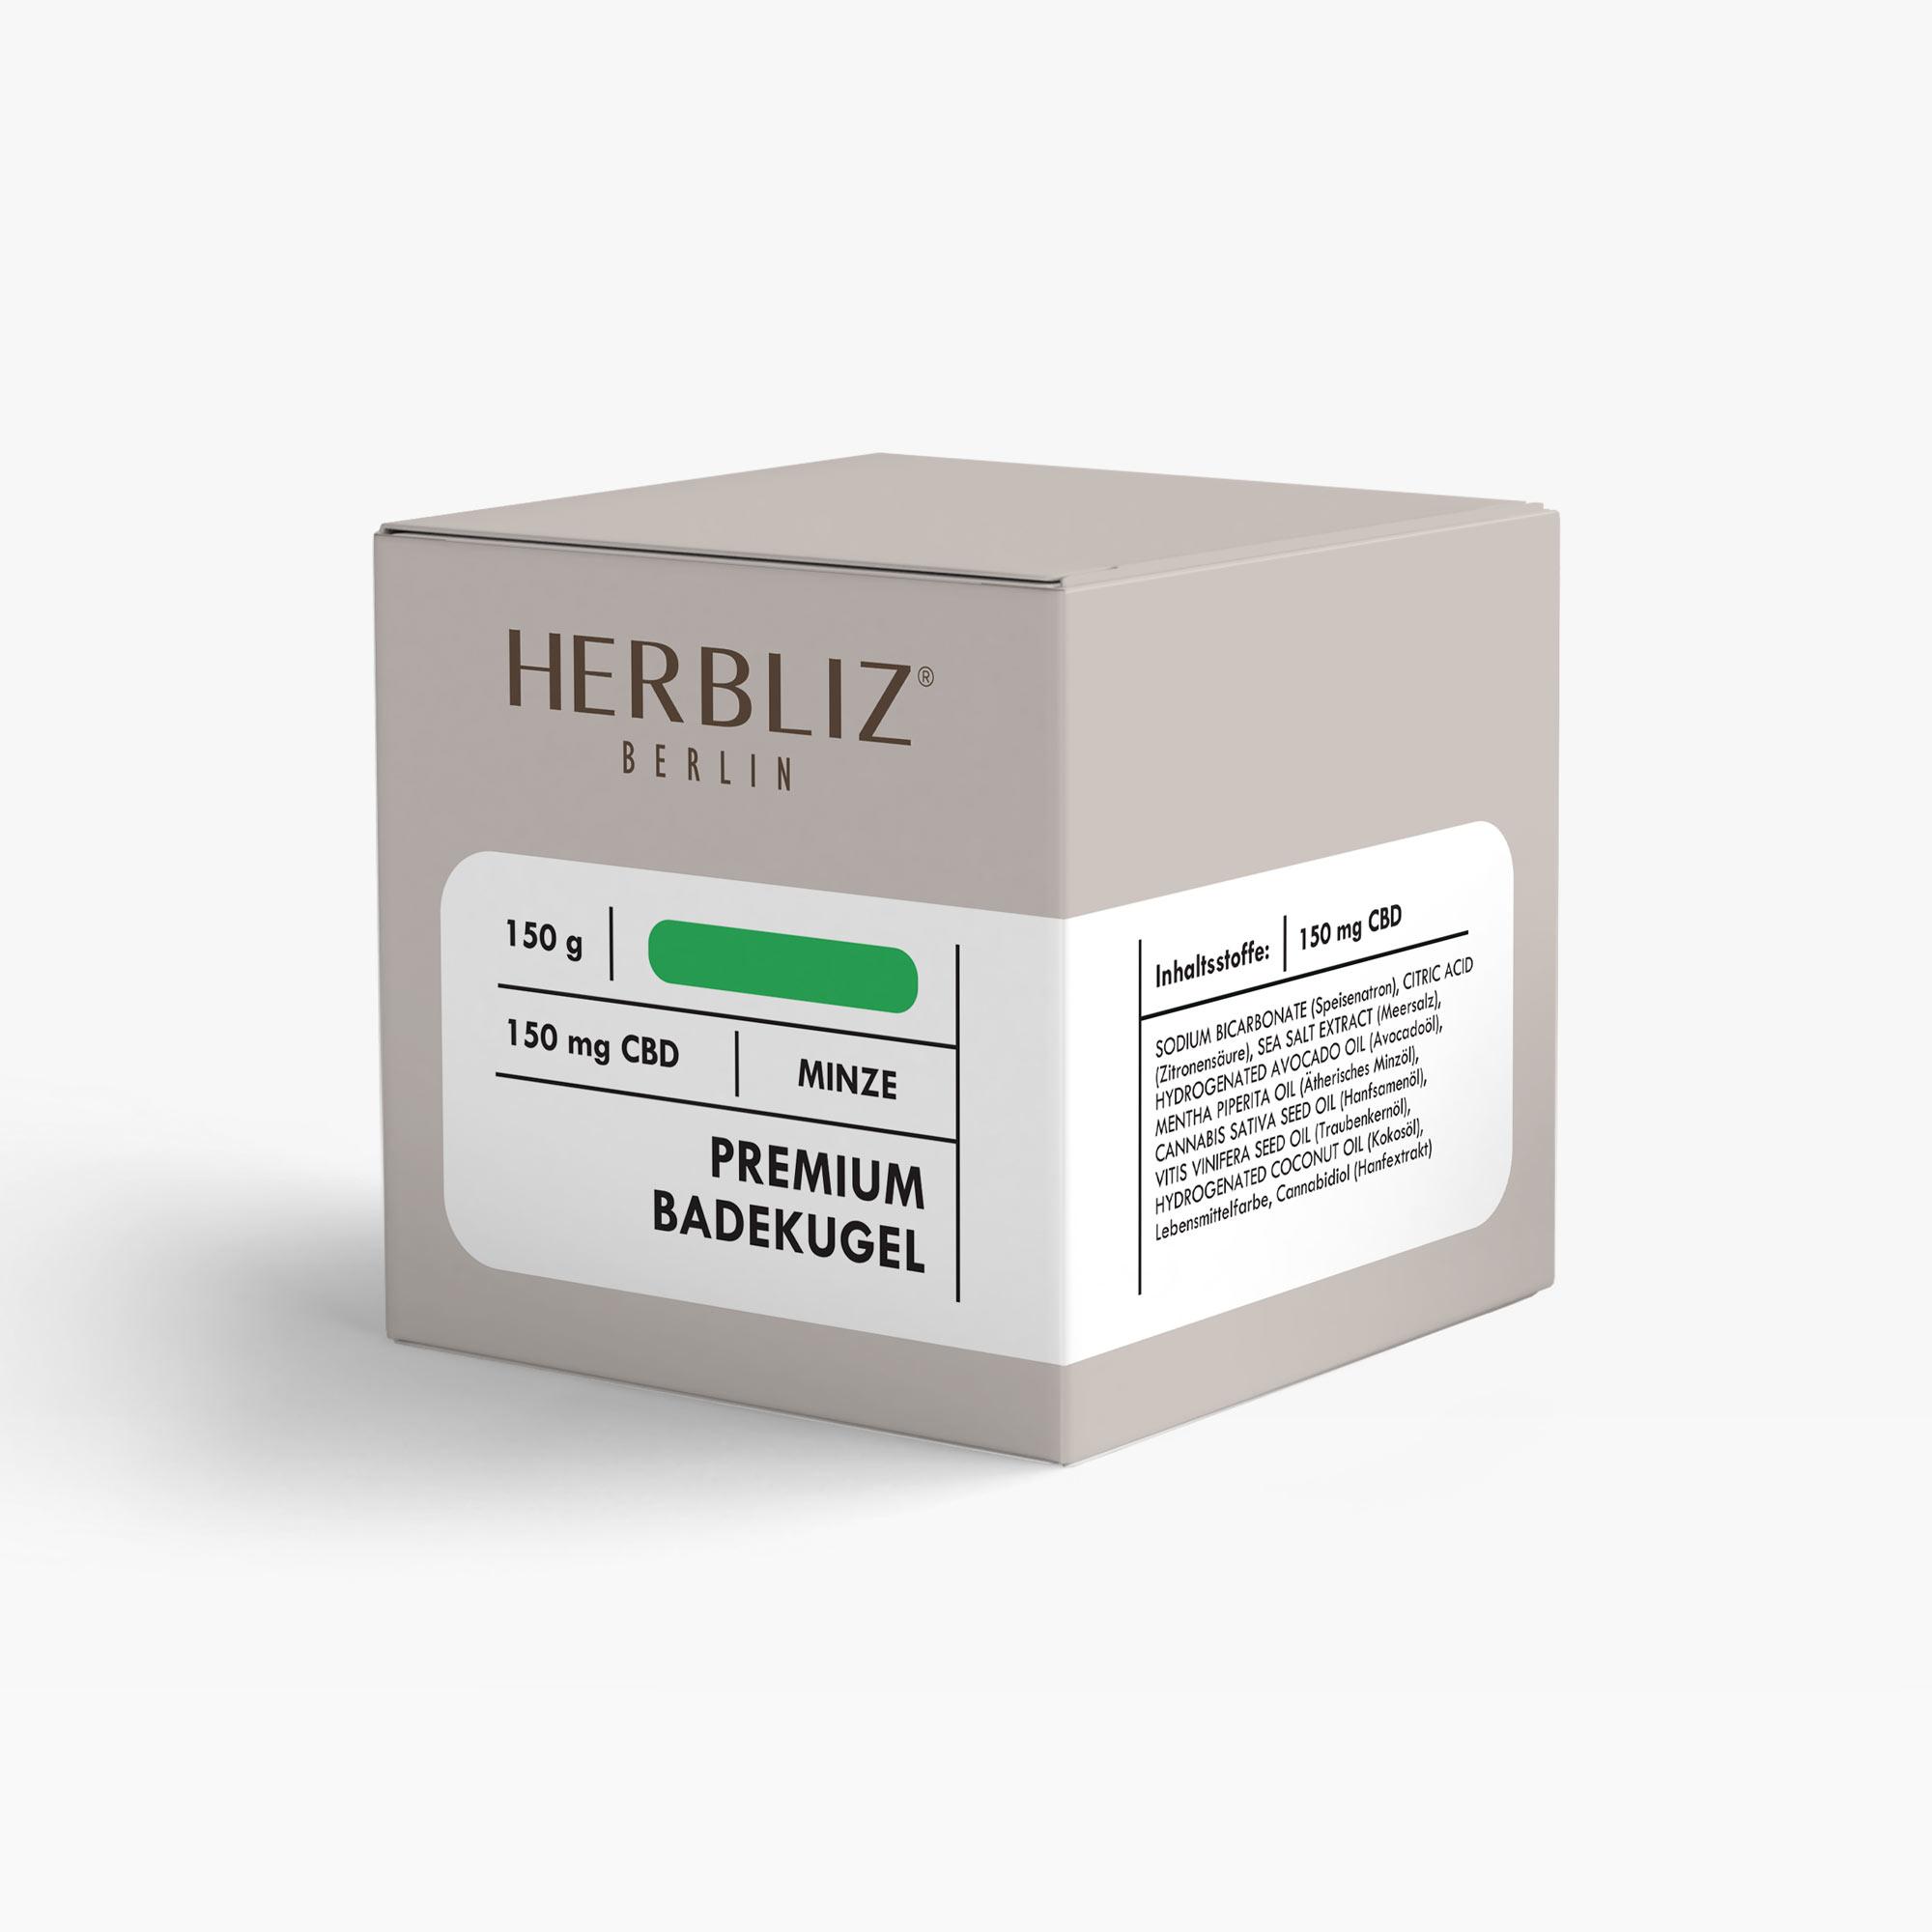 HERBLIZ CBD Badekugel - Minze